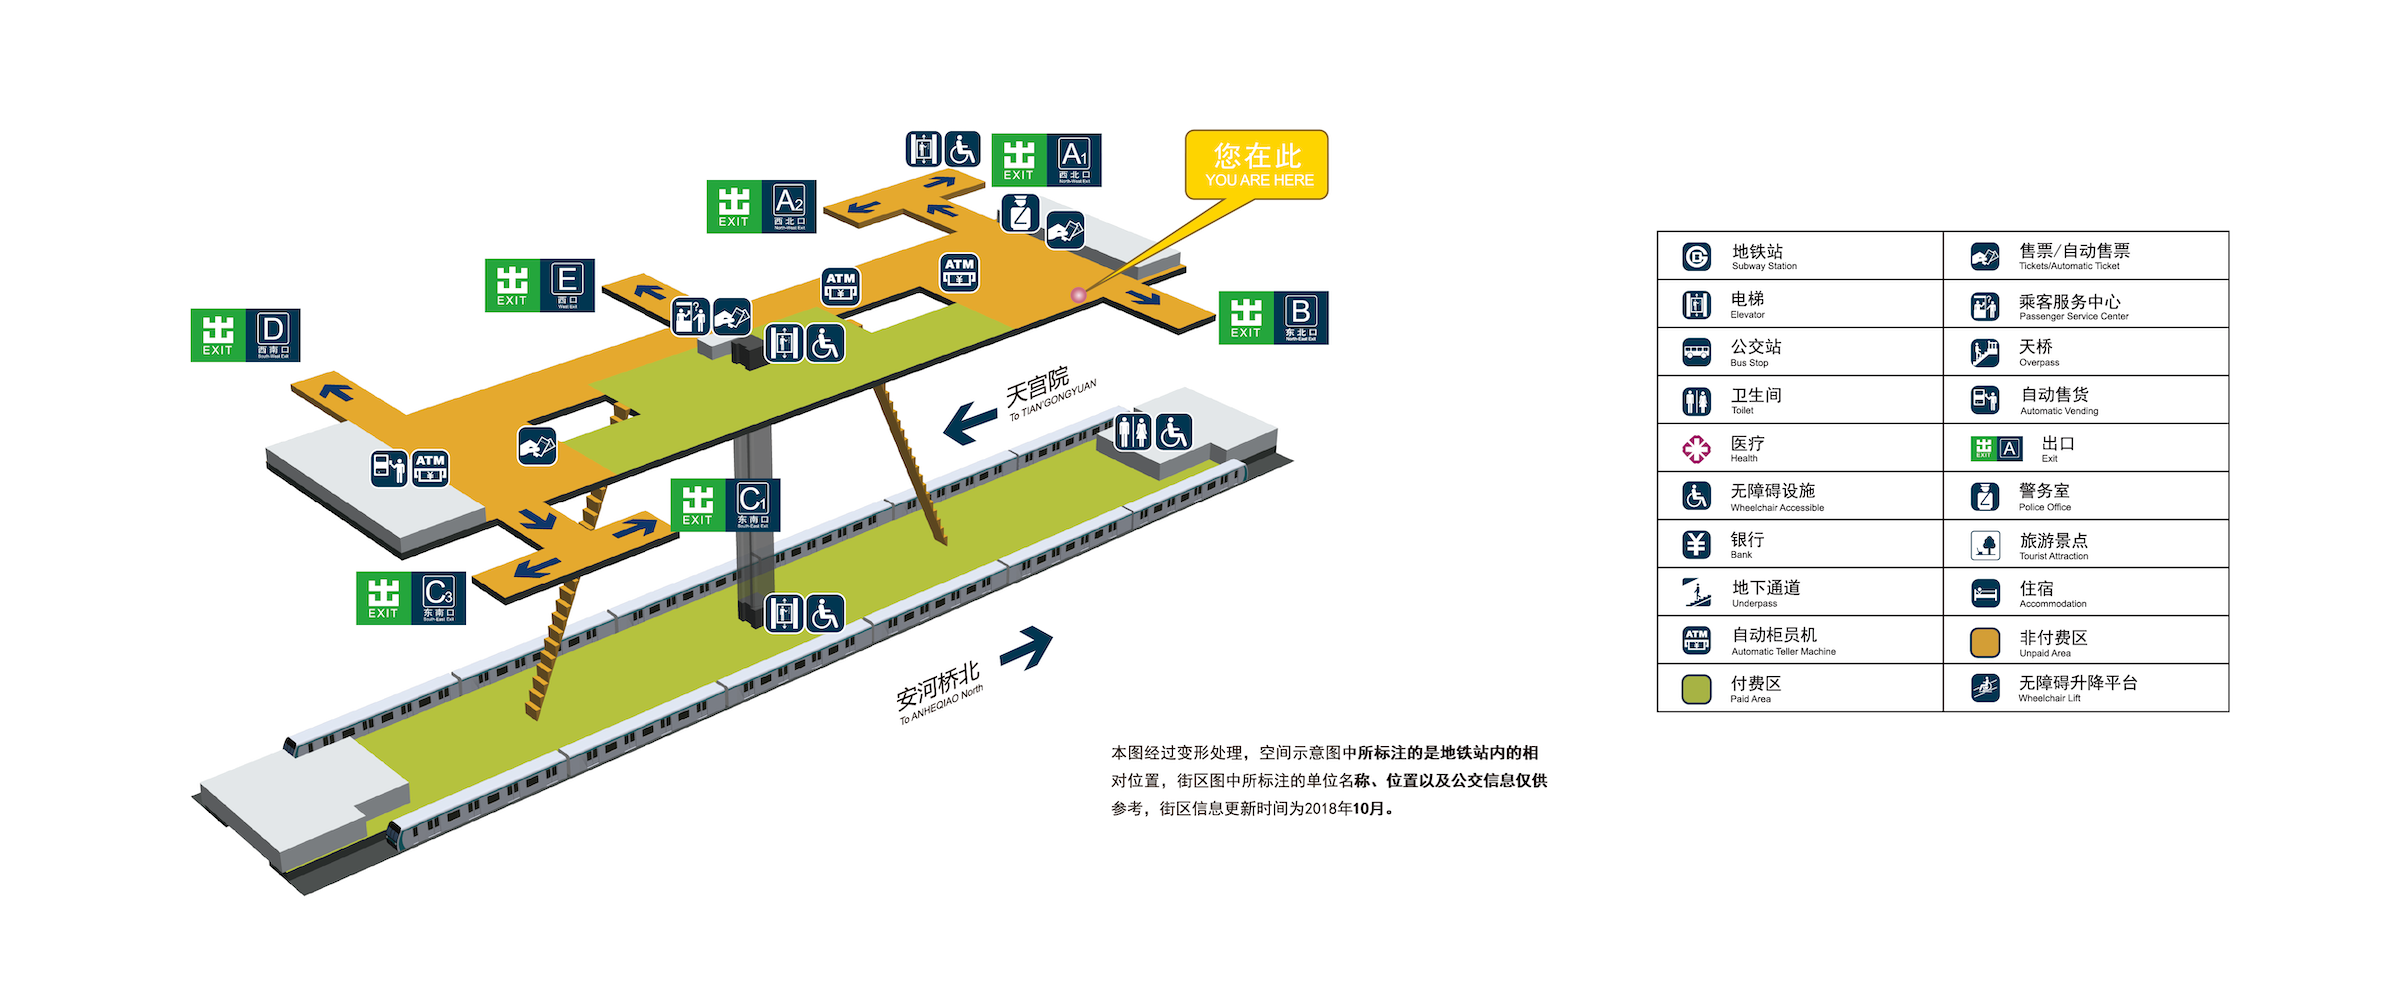 中关村站立体图